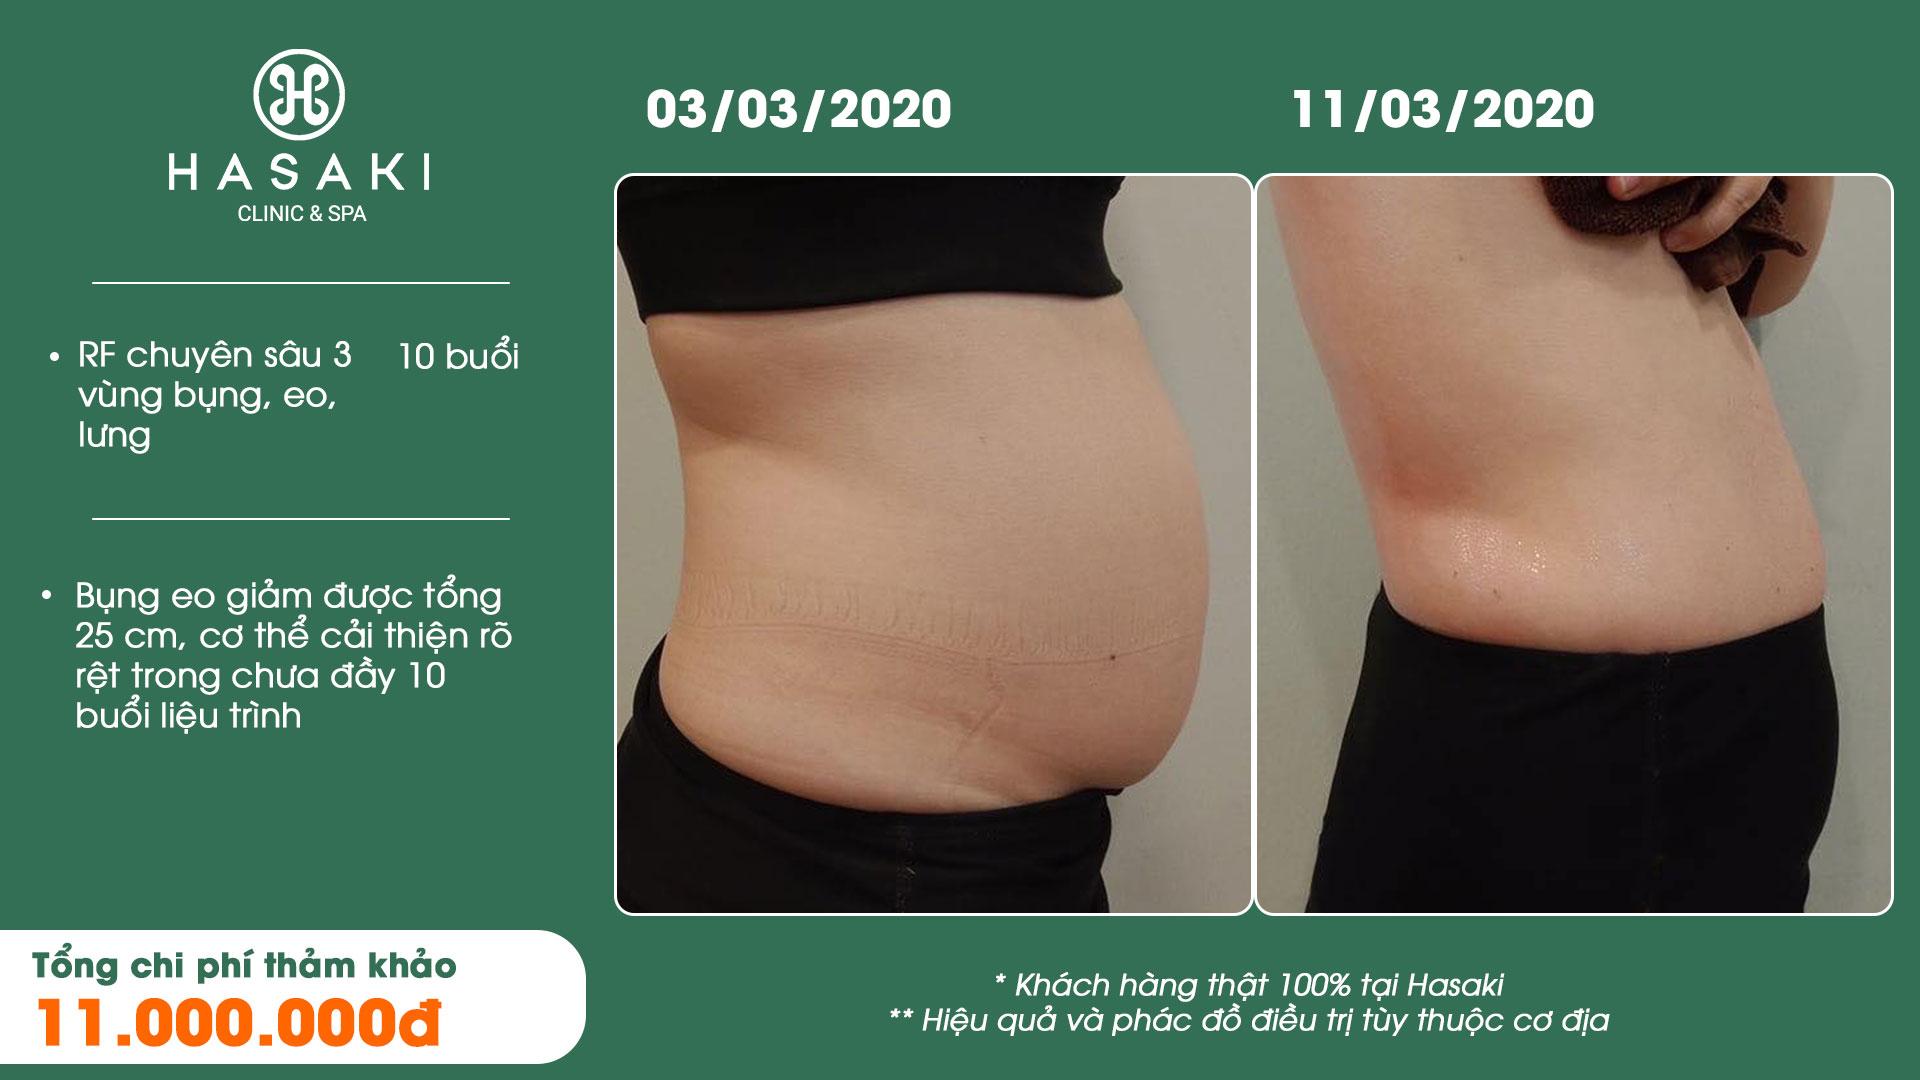 Khách hàng giảm béo nâng cơ thực tế tại Hasaki